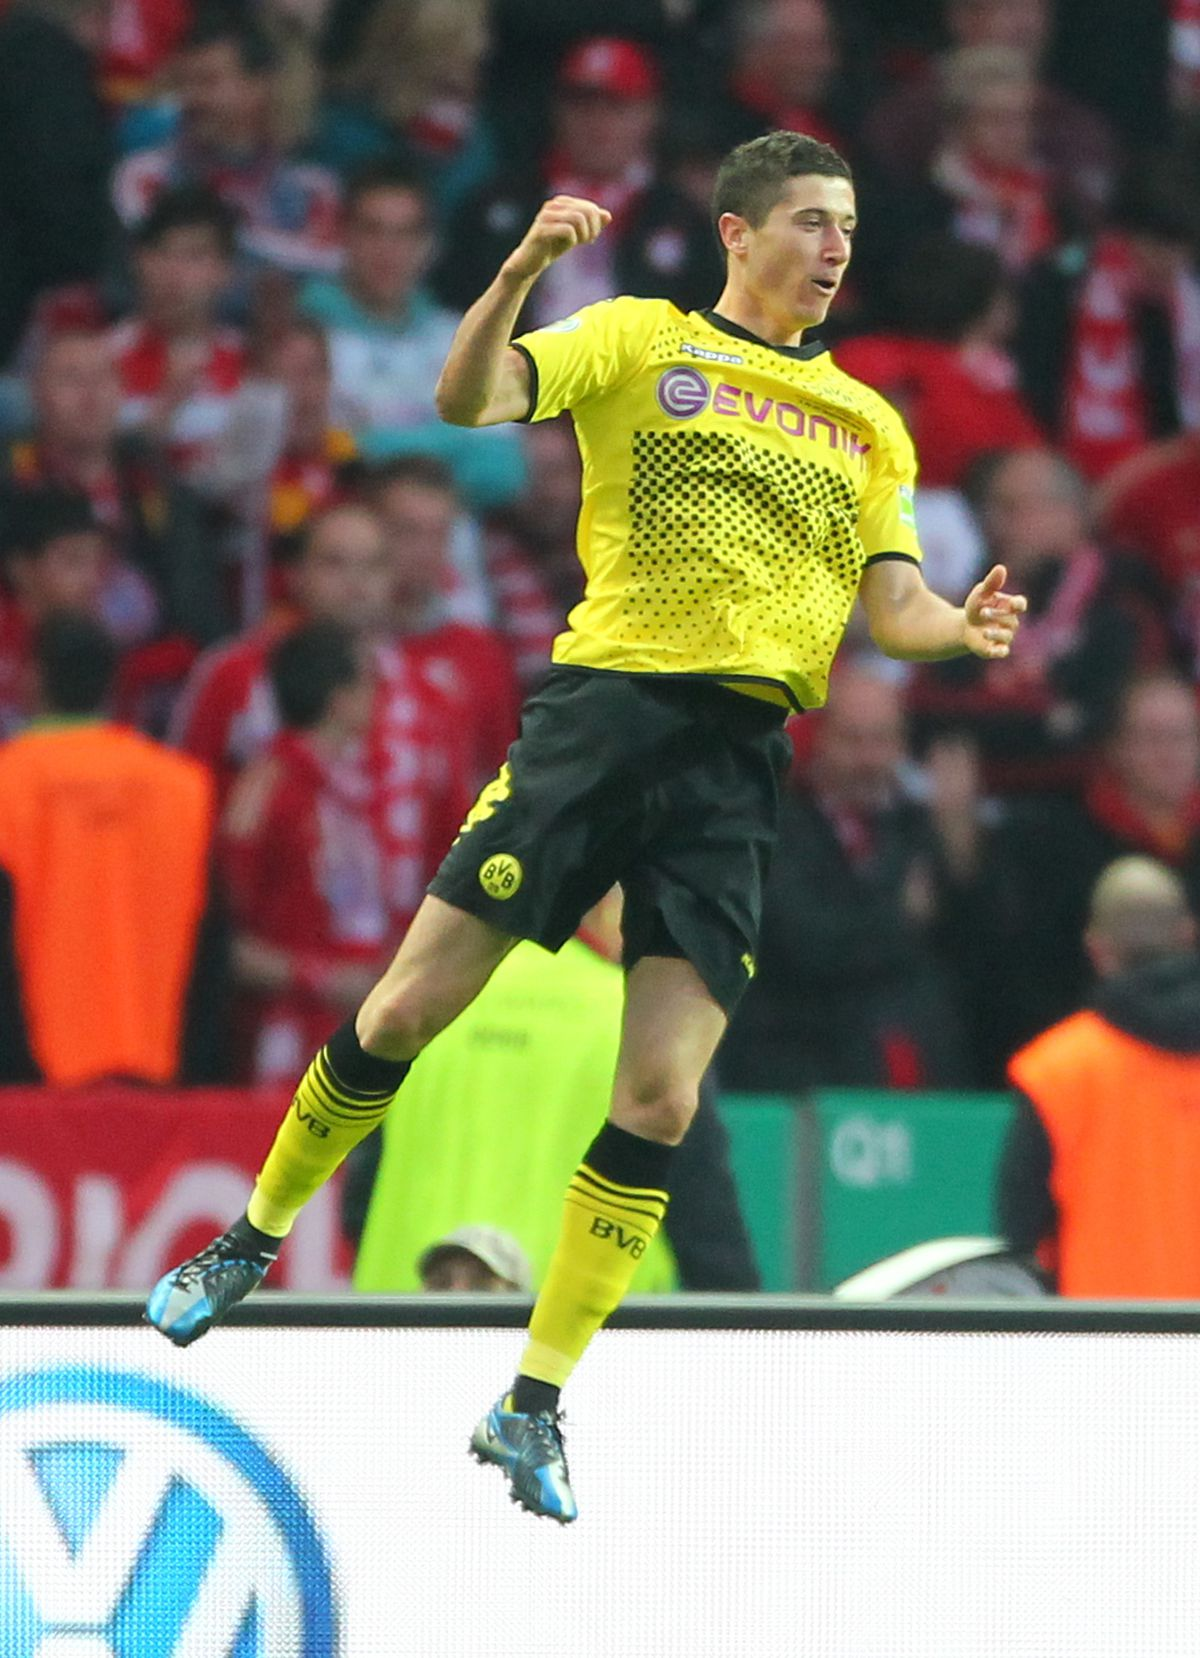 DFB-Pokal, Finale 2012, Dortmund - Bayern München